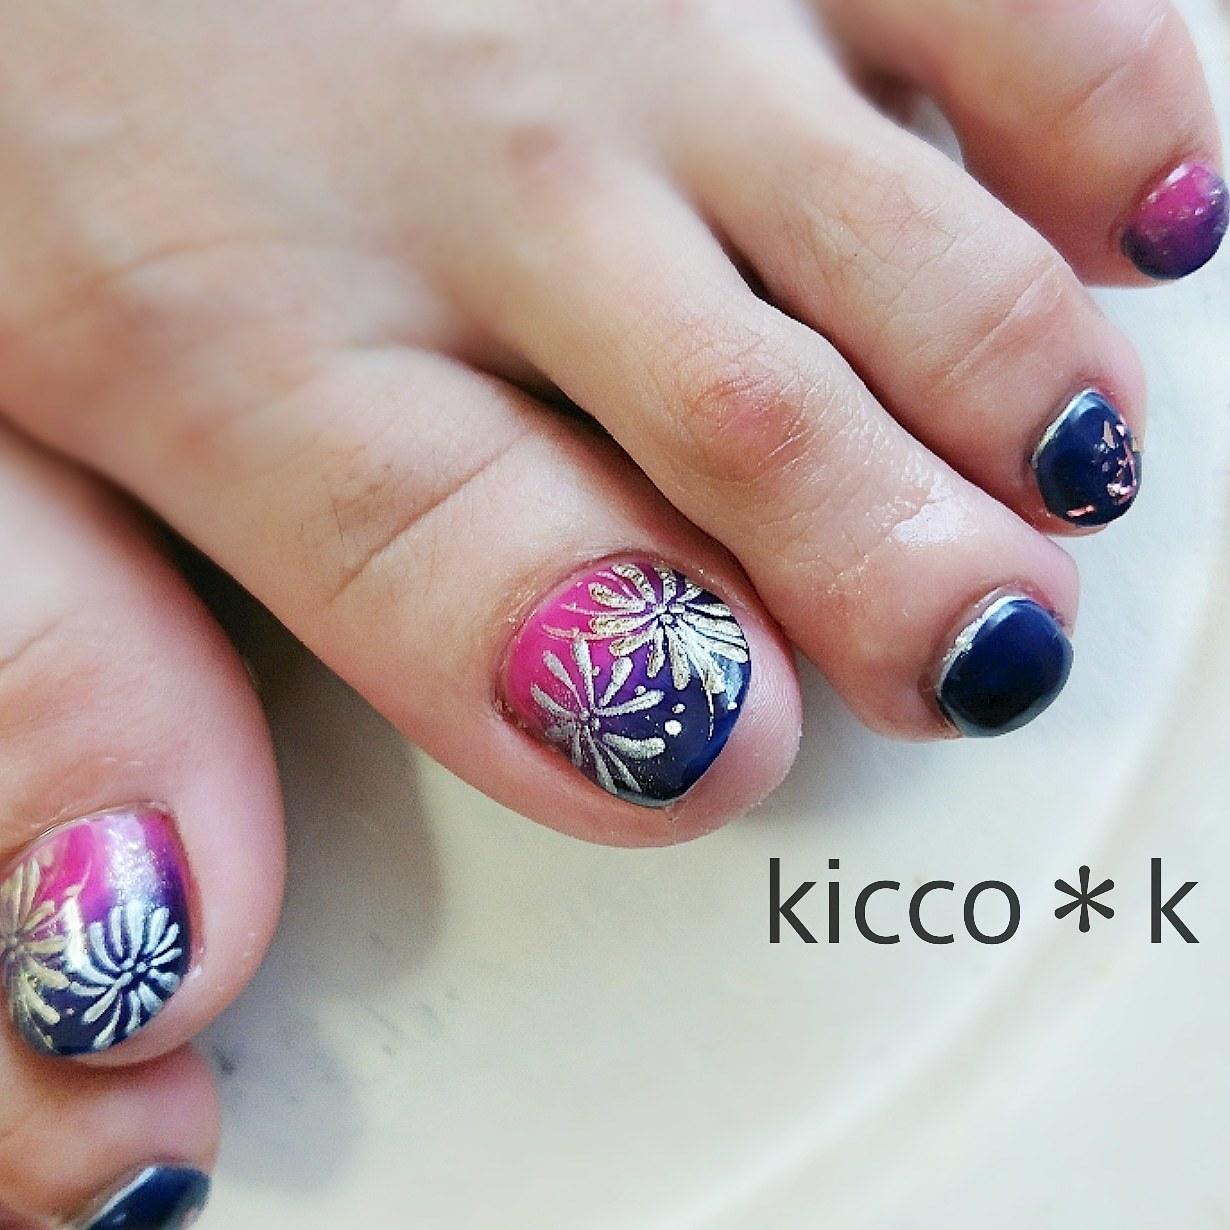 #footnails  #summer  #フットネイル #夏ネイル #花火ネイル #手書きアート  #nail #nails #nailist #nailsalon #instanails #nailswag #nailstagram #nailart #naildesign #ネイル #ネイルデザイン #大人ネイル #ネイルサロン #自宅サロン #kicco_k